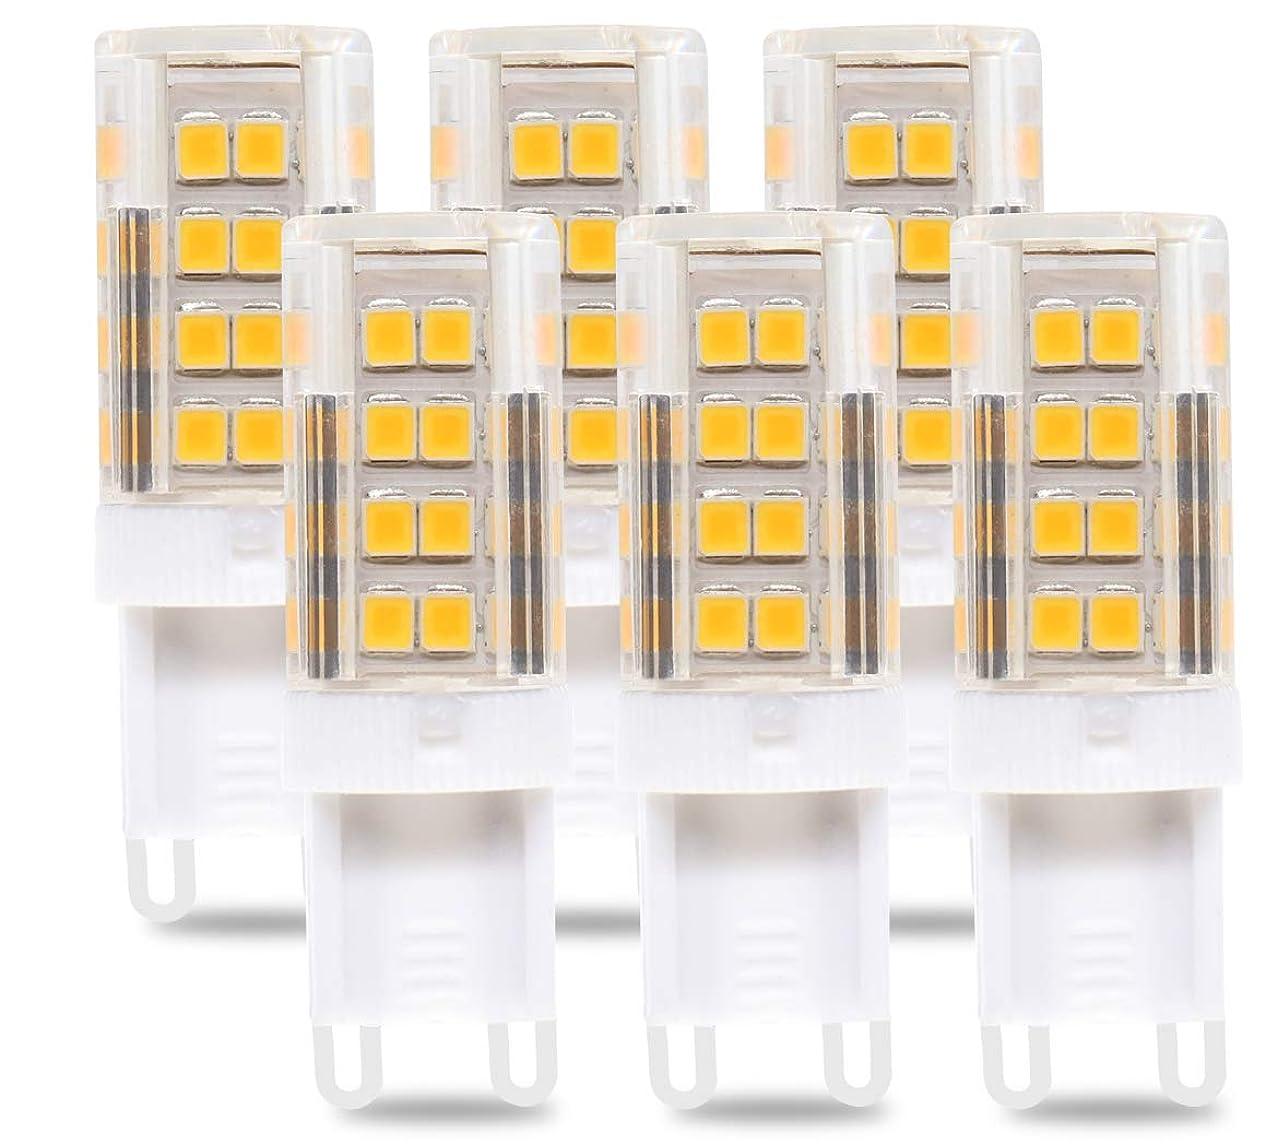 iRotYi (6-Pack) G9 LED Light Bulbs, 52pcs SMD-2835 LEDs, 5W(50W Halogen Equivalent),500LM,AC 110V - 130V,Warm White 2700-3000 Kelvin,G9 LED Corn Light